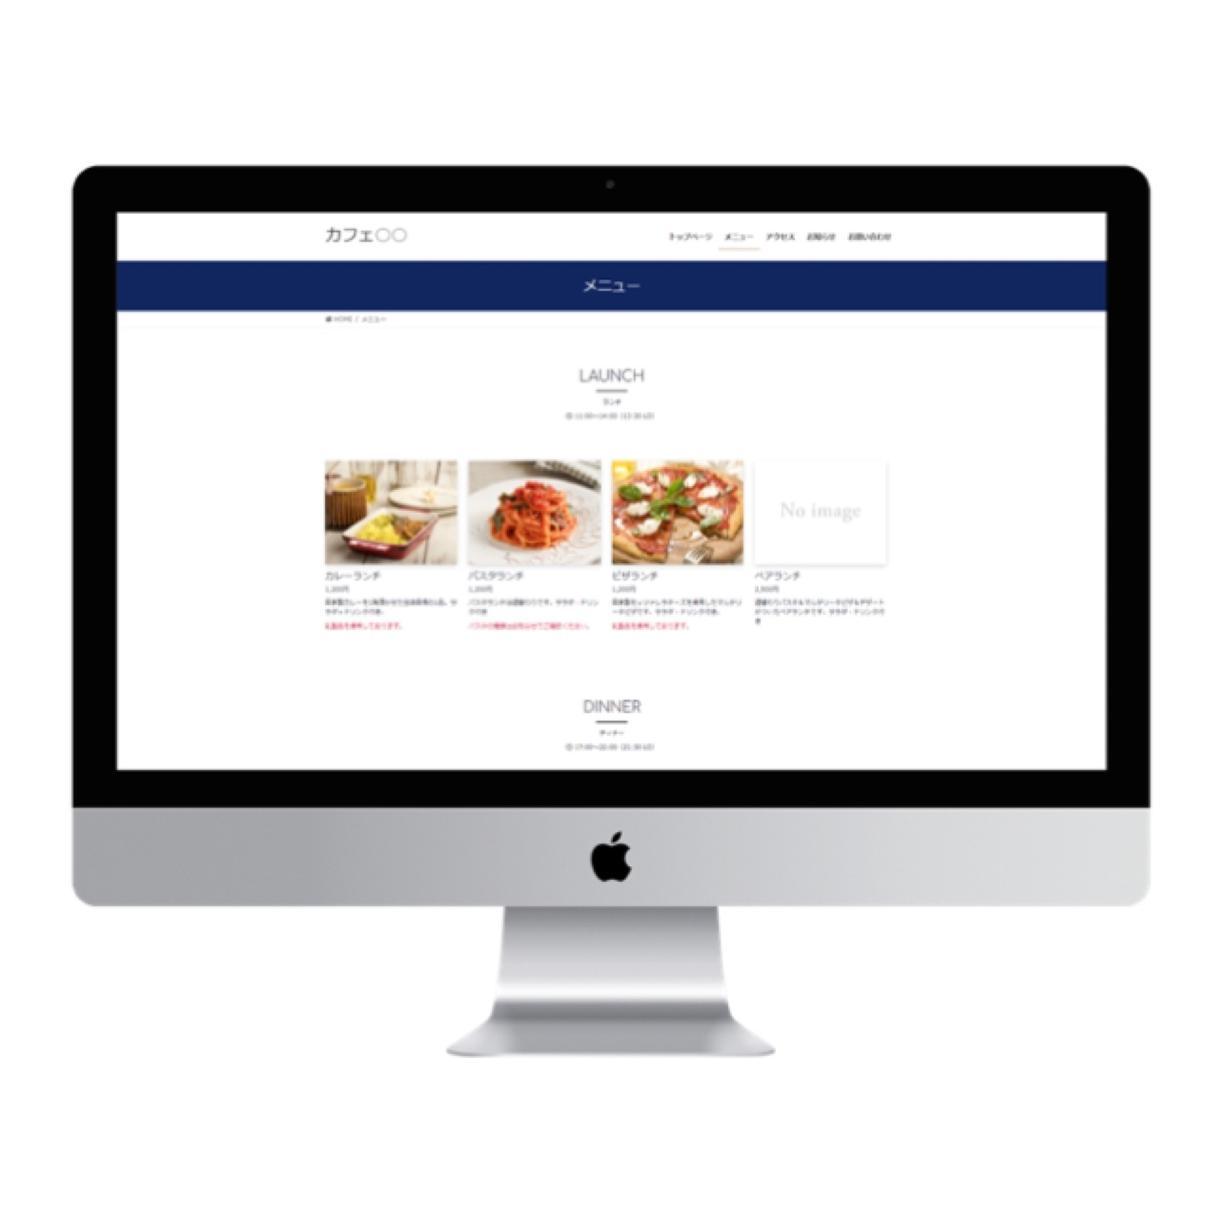 居酒屋・カフェなどの飲食店のホームページ制作します 料理メニューも簡単に登録・編集する事ができます! イメージ1